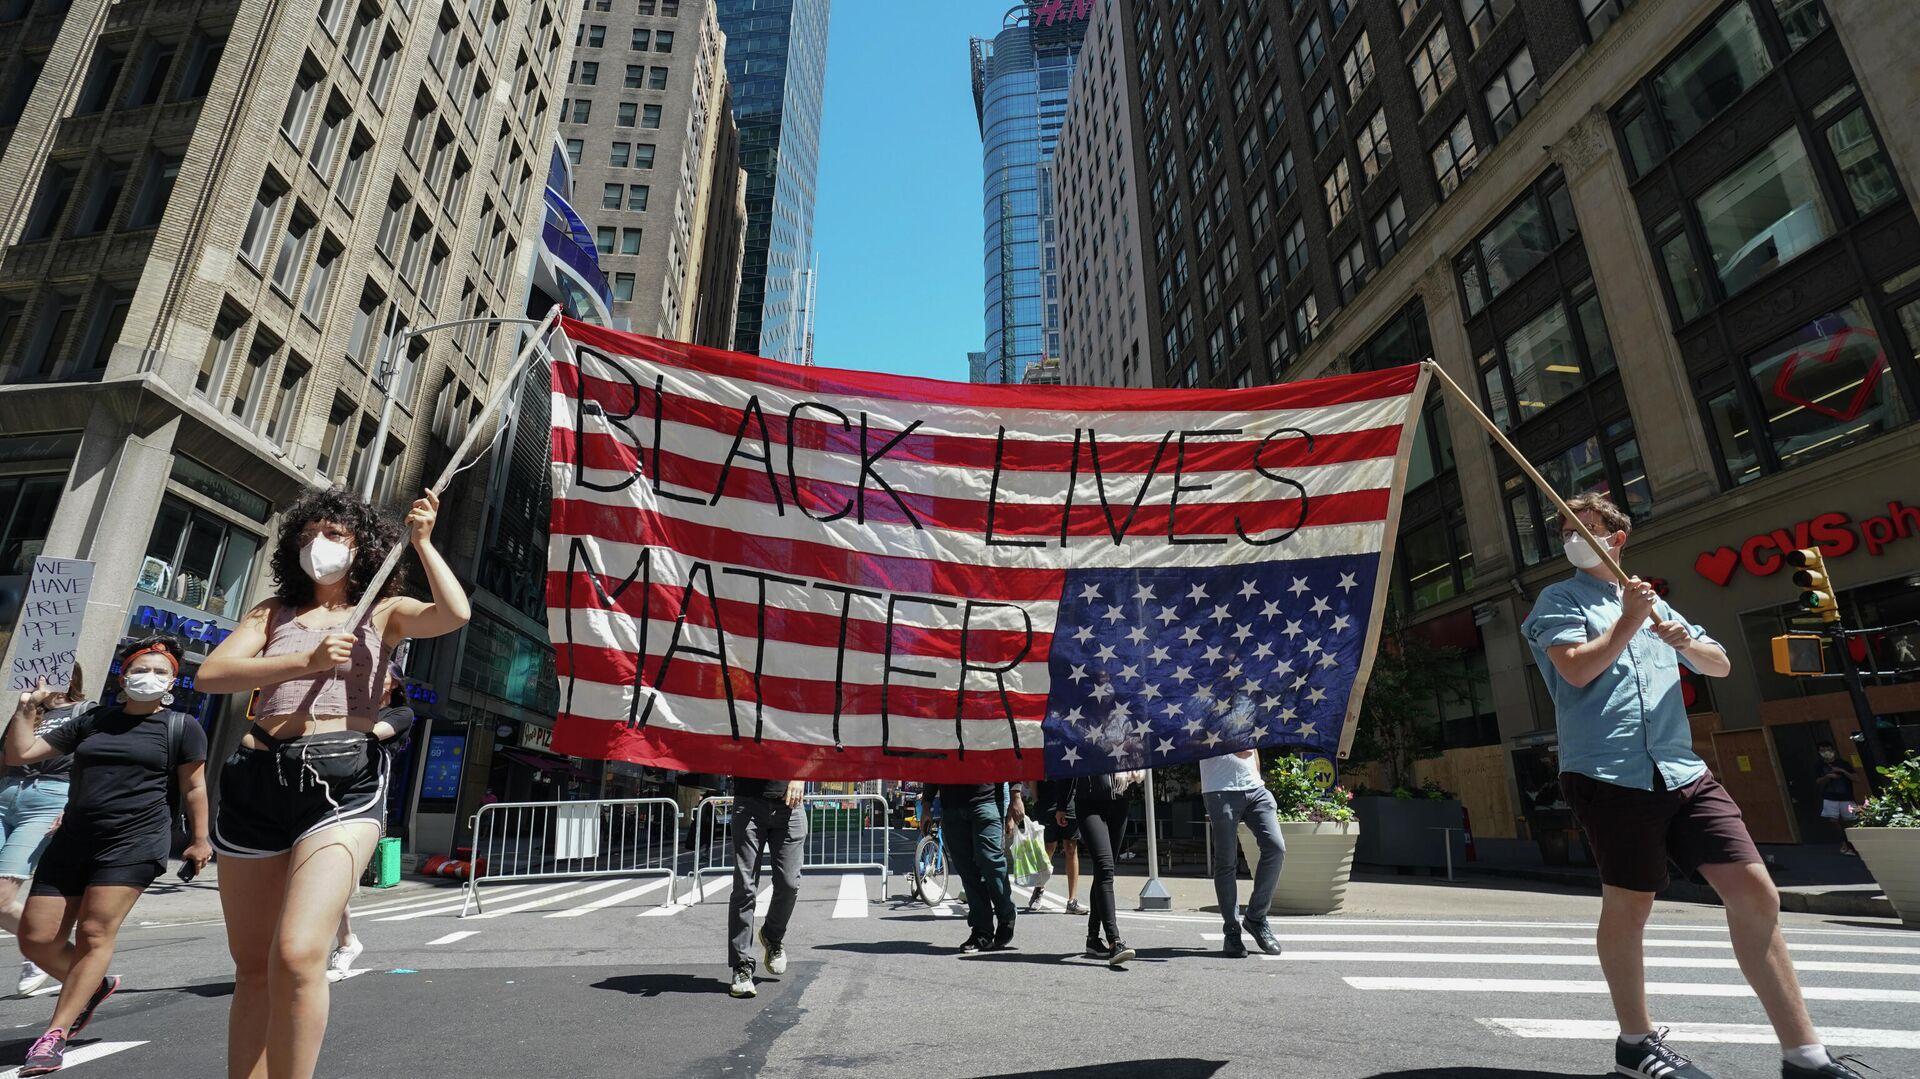 Протесты в Нью-Йорке - РИА Новости, 1920, 20.06.2020